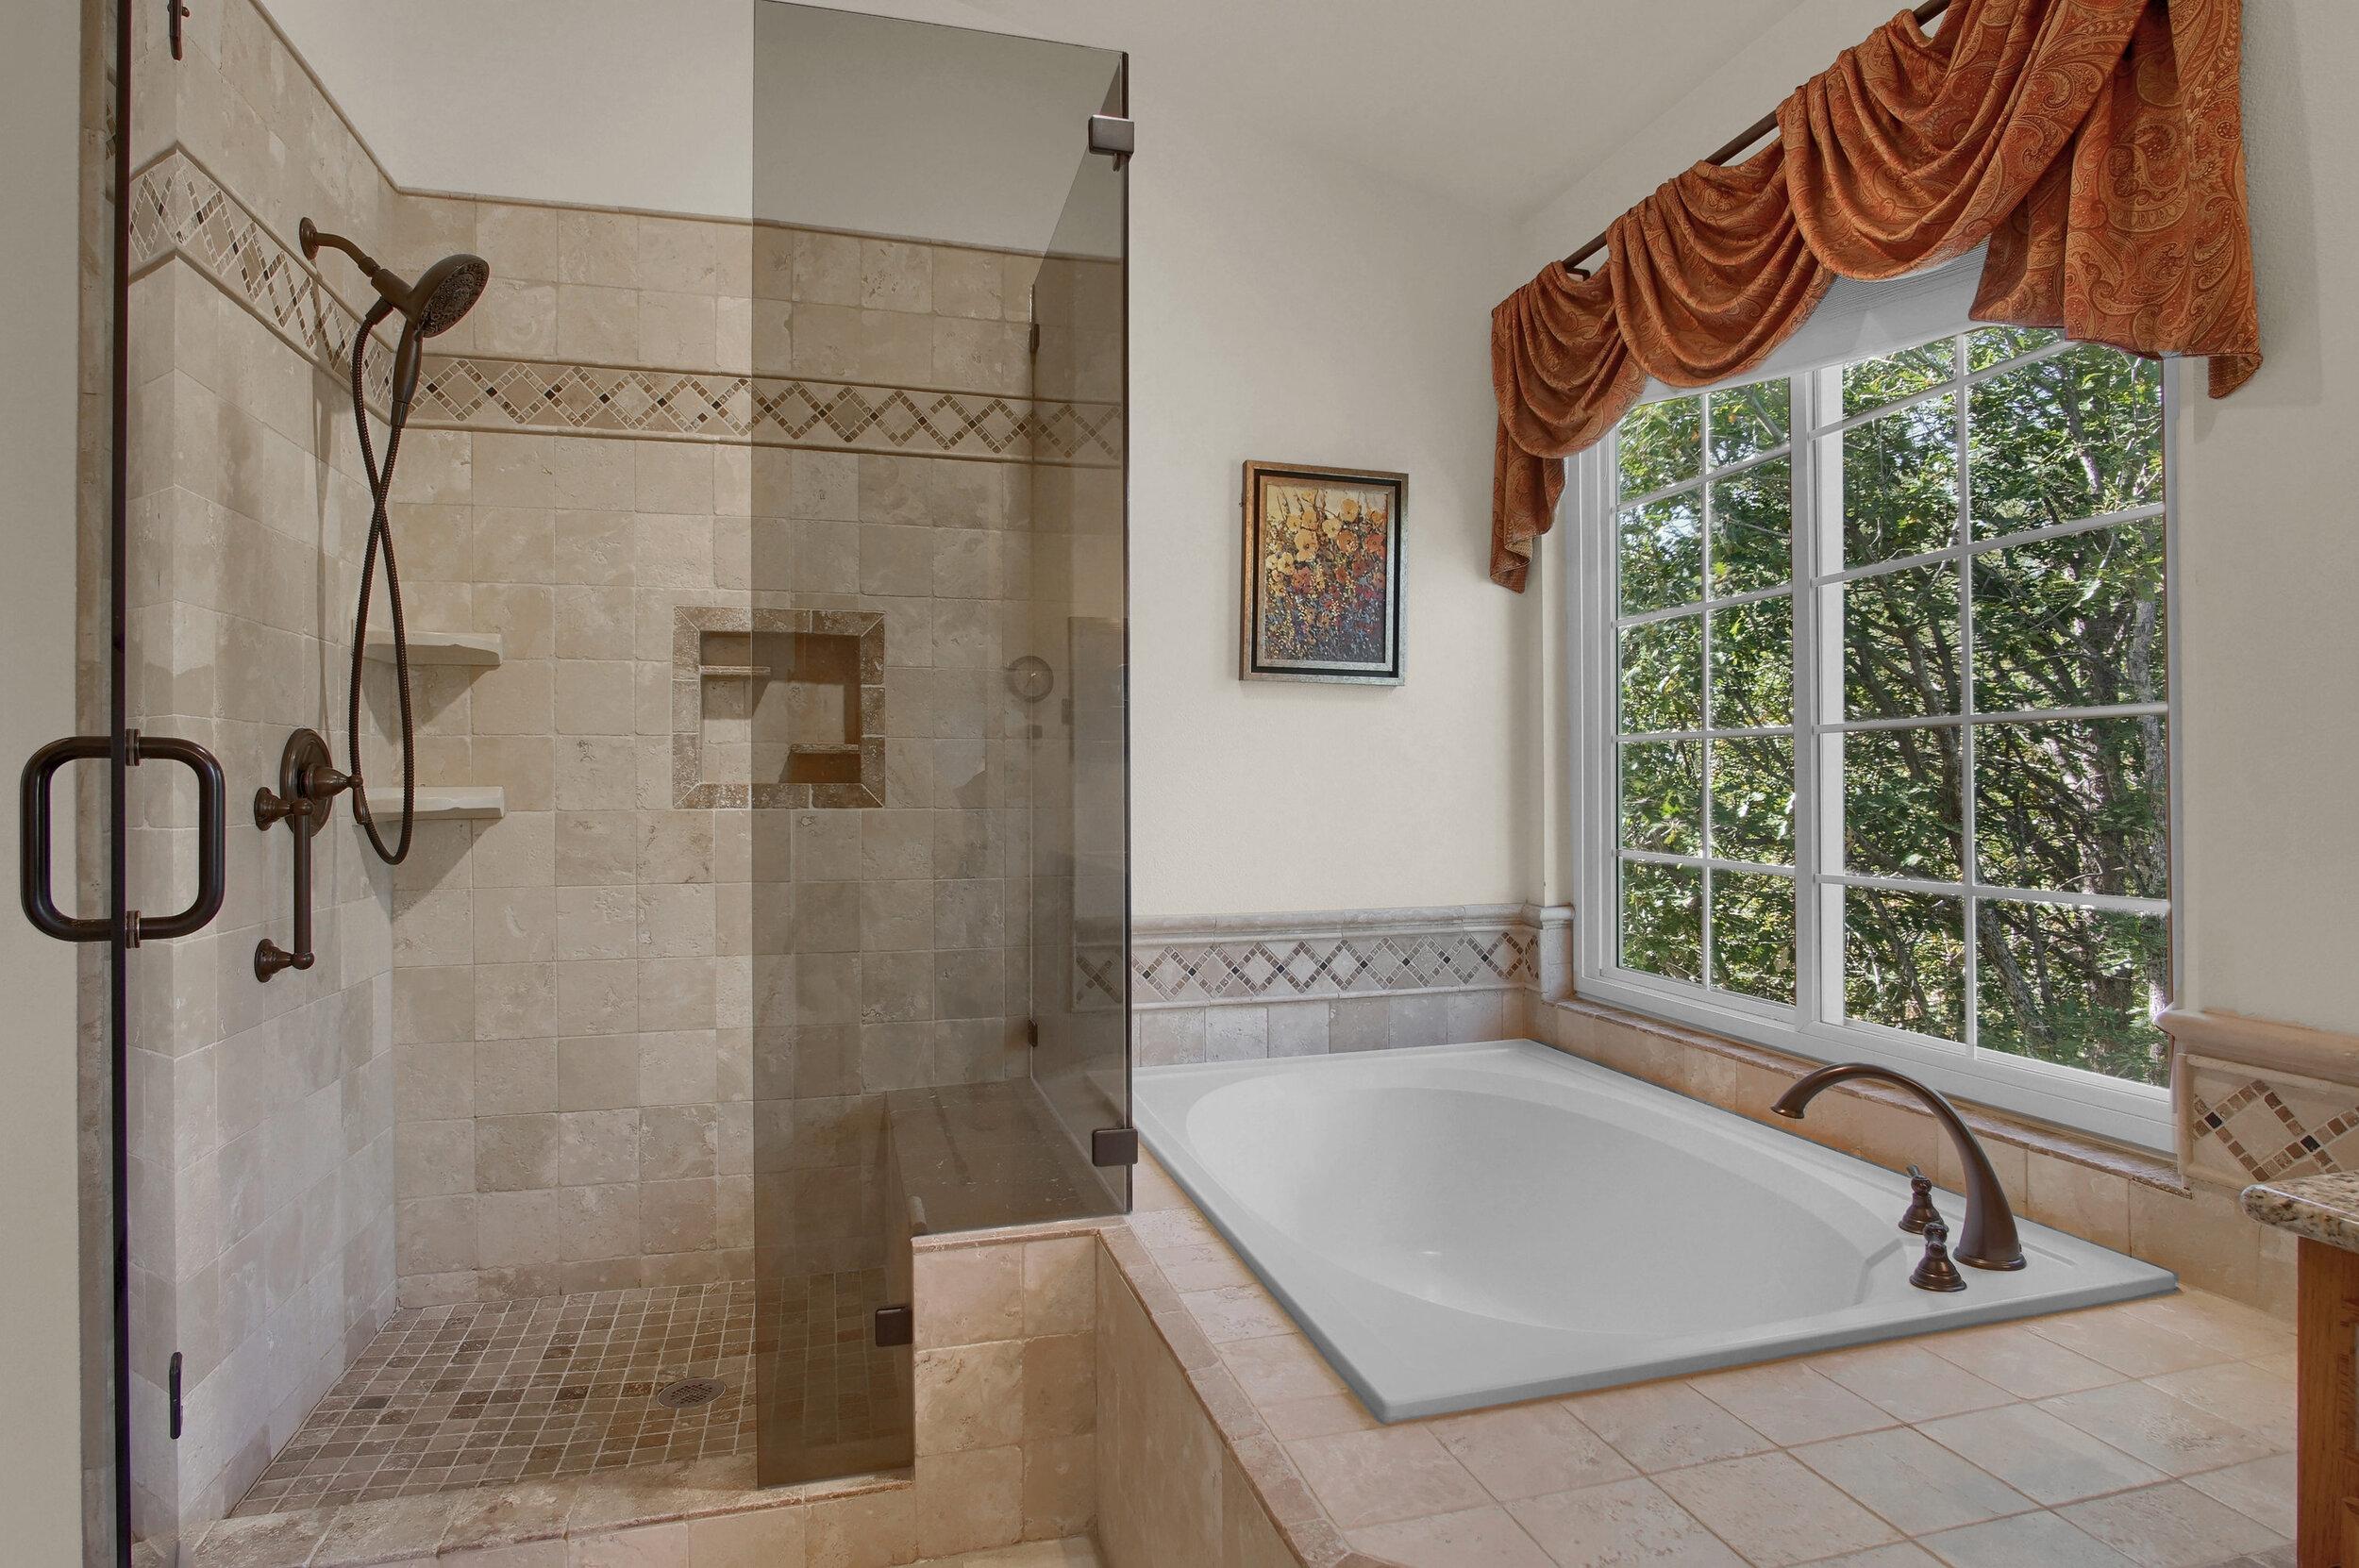 4919 Nightshade Cir Colorado-print-038-030-Bathroom-3008x2000-300dpi.jpg